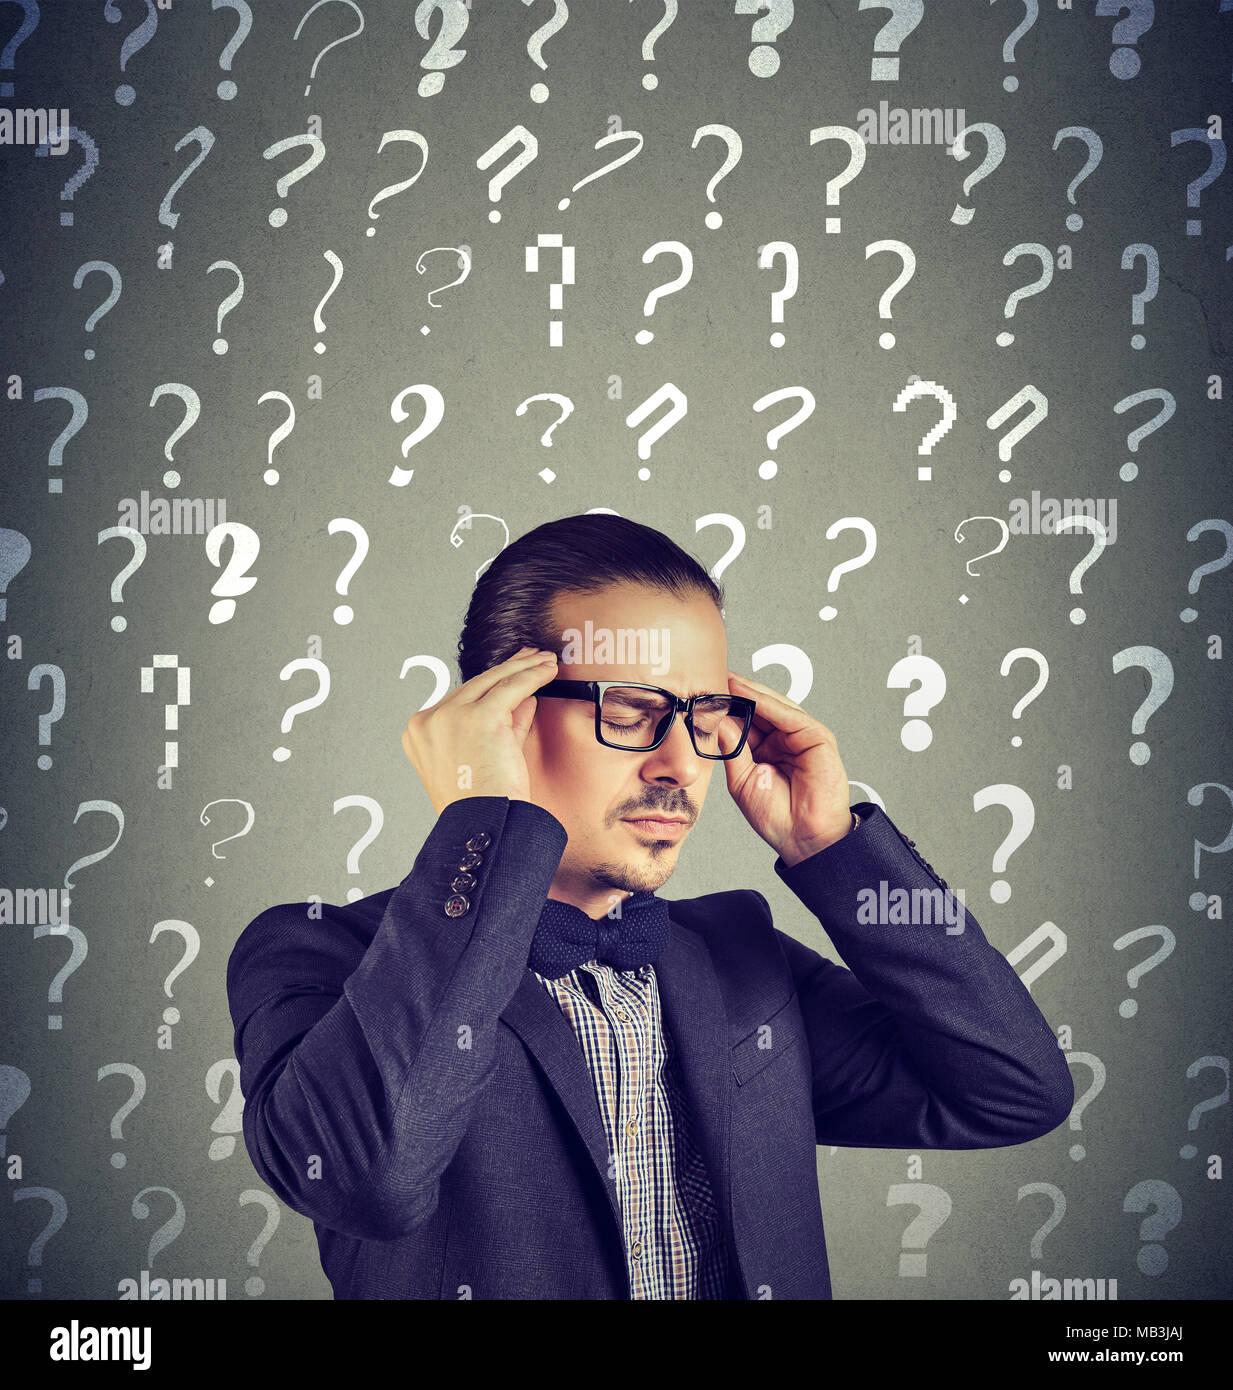 Betonte überfordert junge Mann hat zu viele Fragen und keine Antwort Stockbild